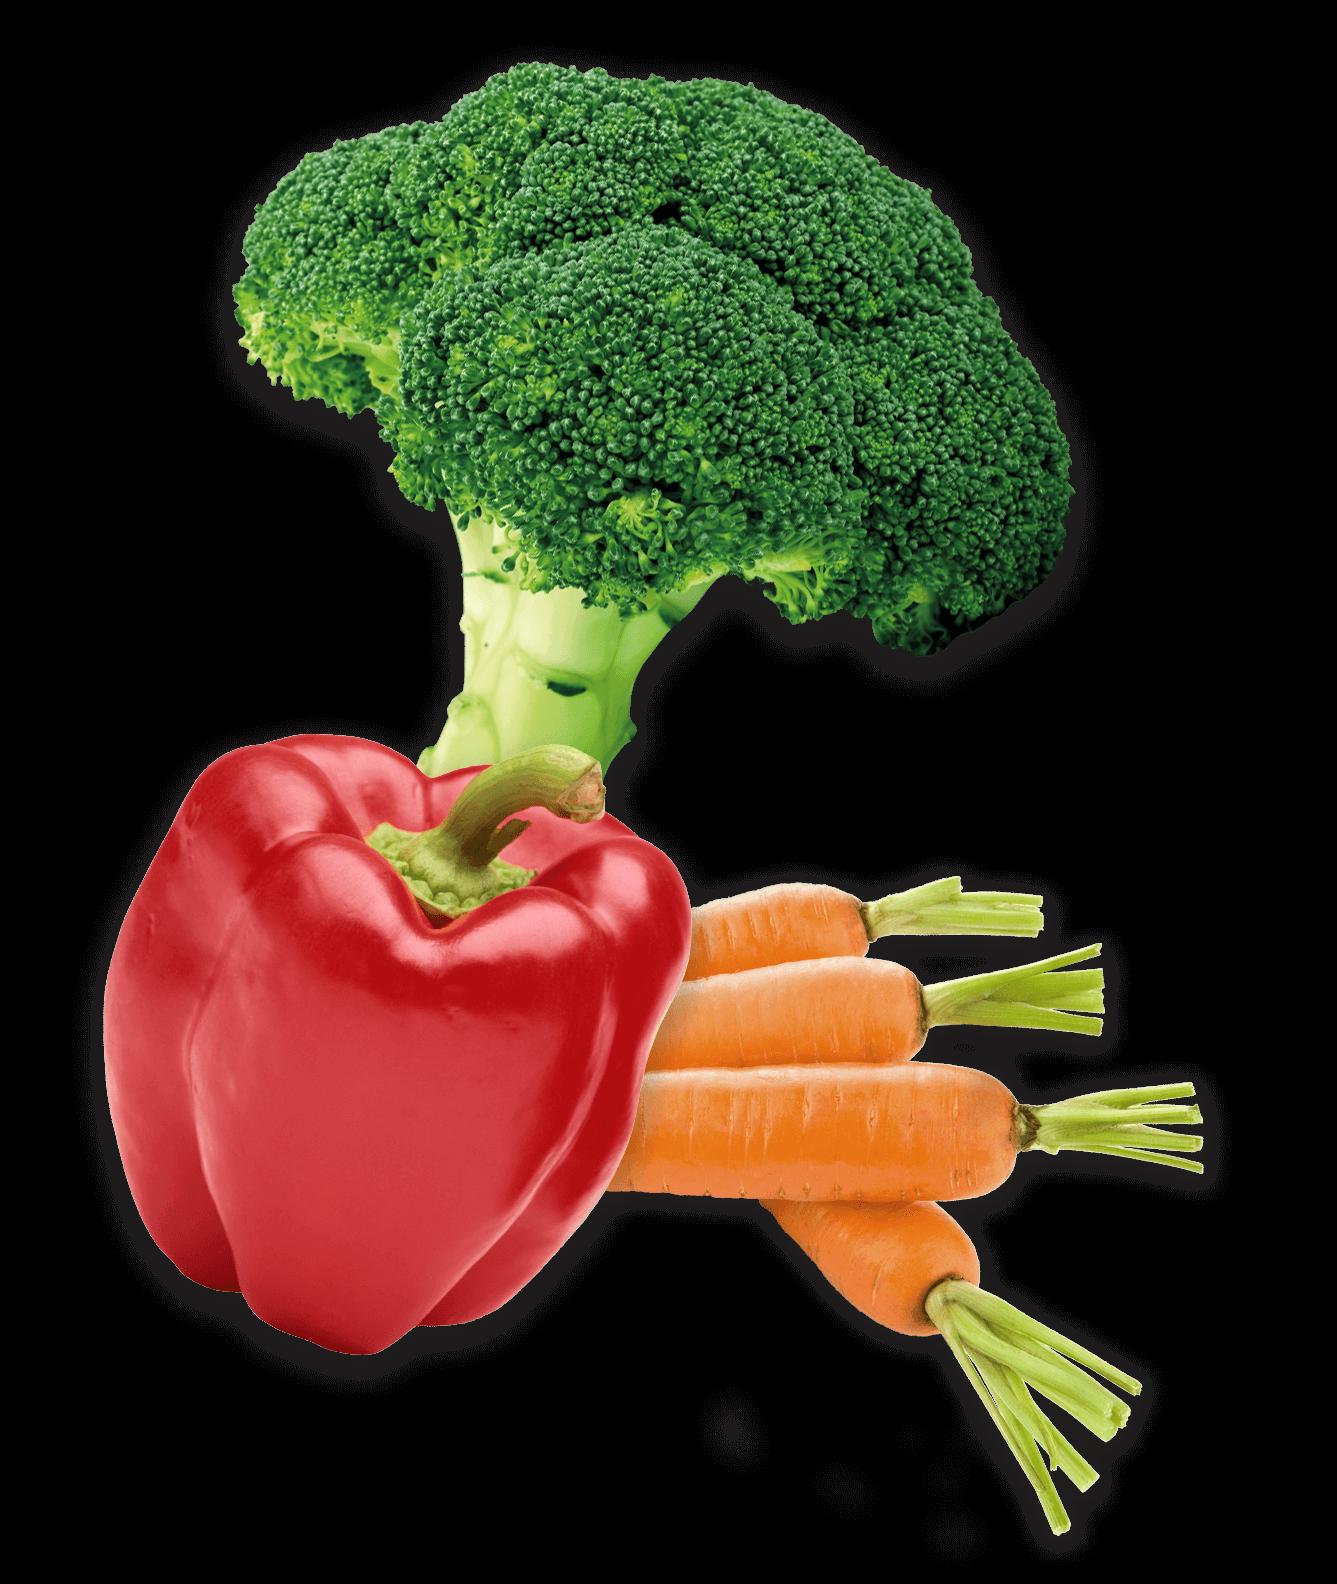 拉里市场新鲜蔬菜插入